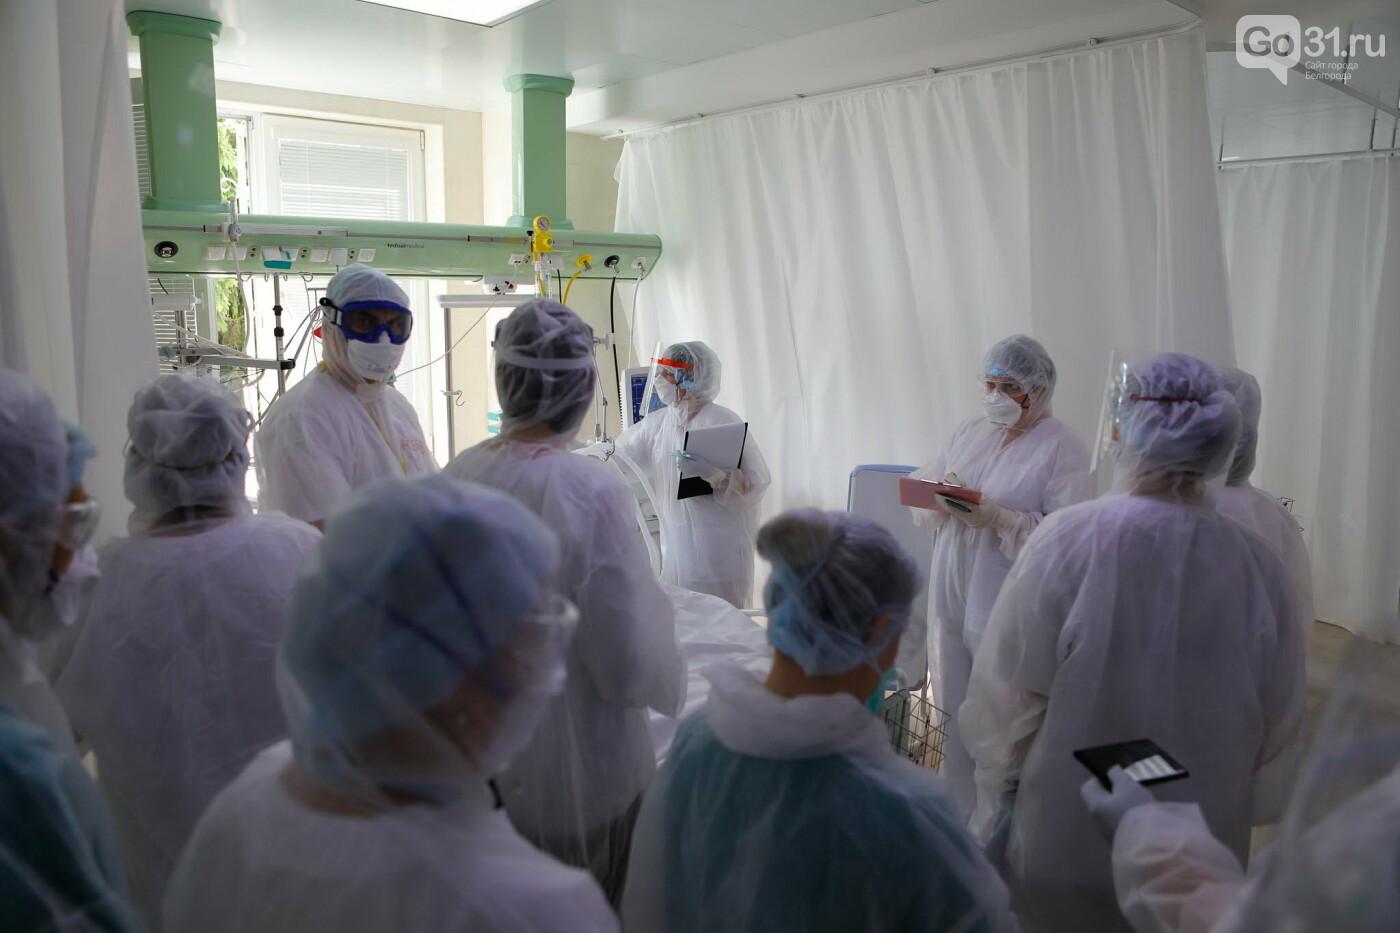 «Вы вообще понимаете, о чём говорите?» Главврач белгородского ковид-госпиталя – о пандемии коронавируса, фото-4